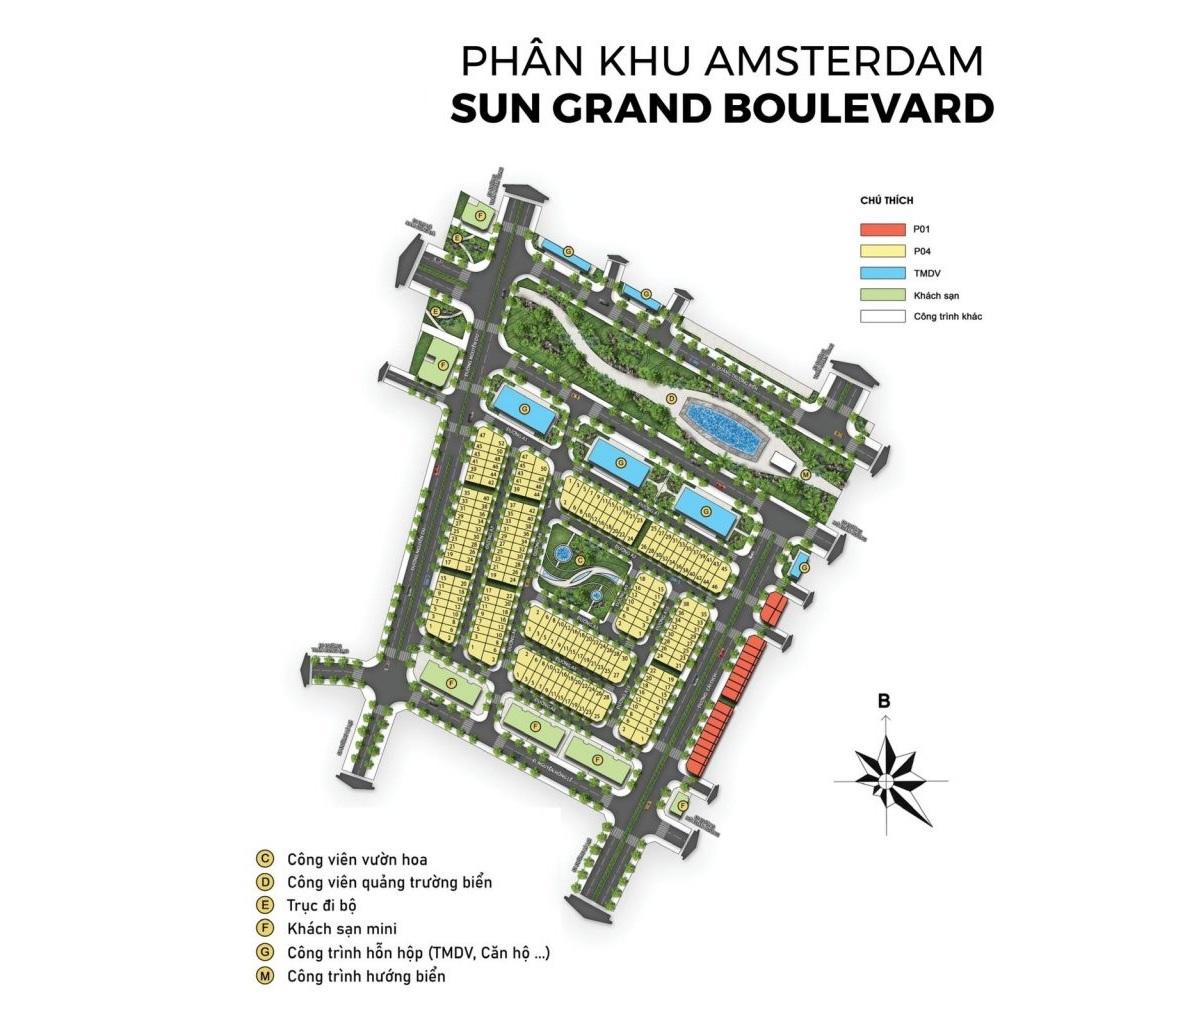 Mặt bằng chi tiết phân khu Amsterdam Sun Grand Boulevard Sầm Sơn Thanh Hoá